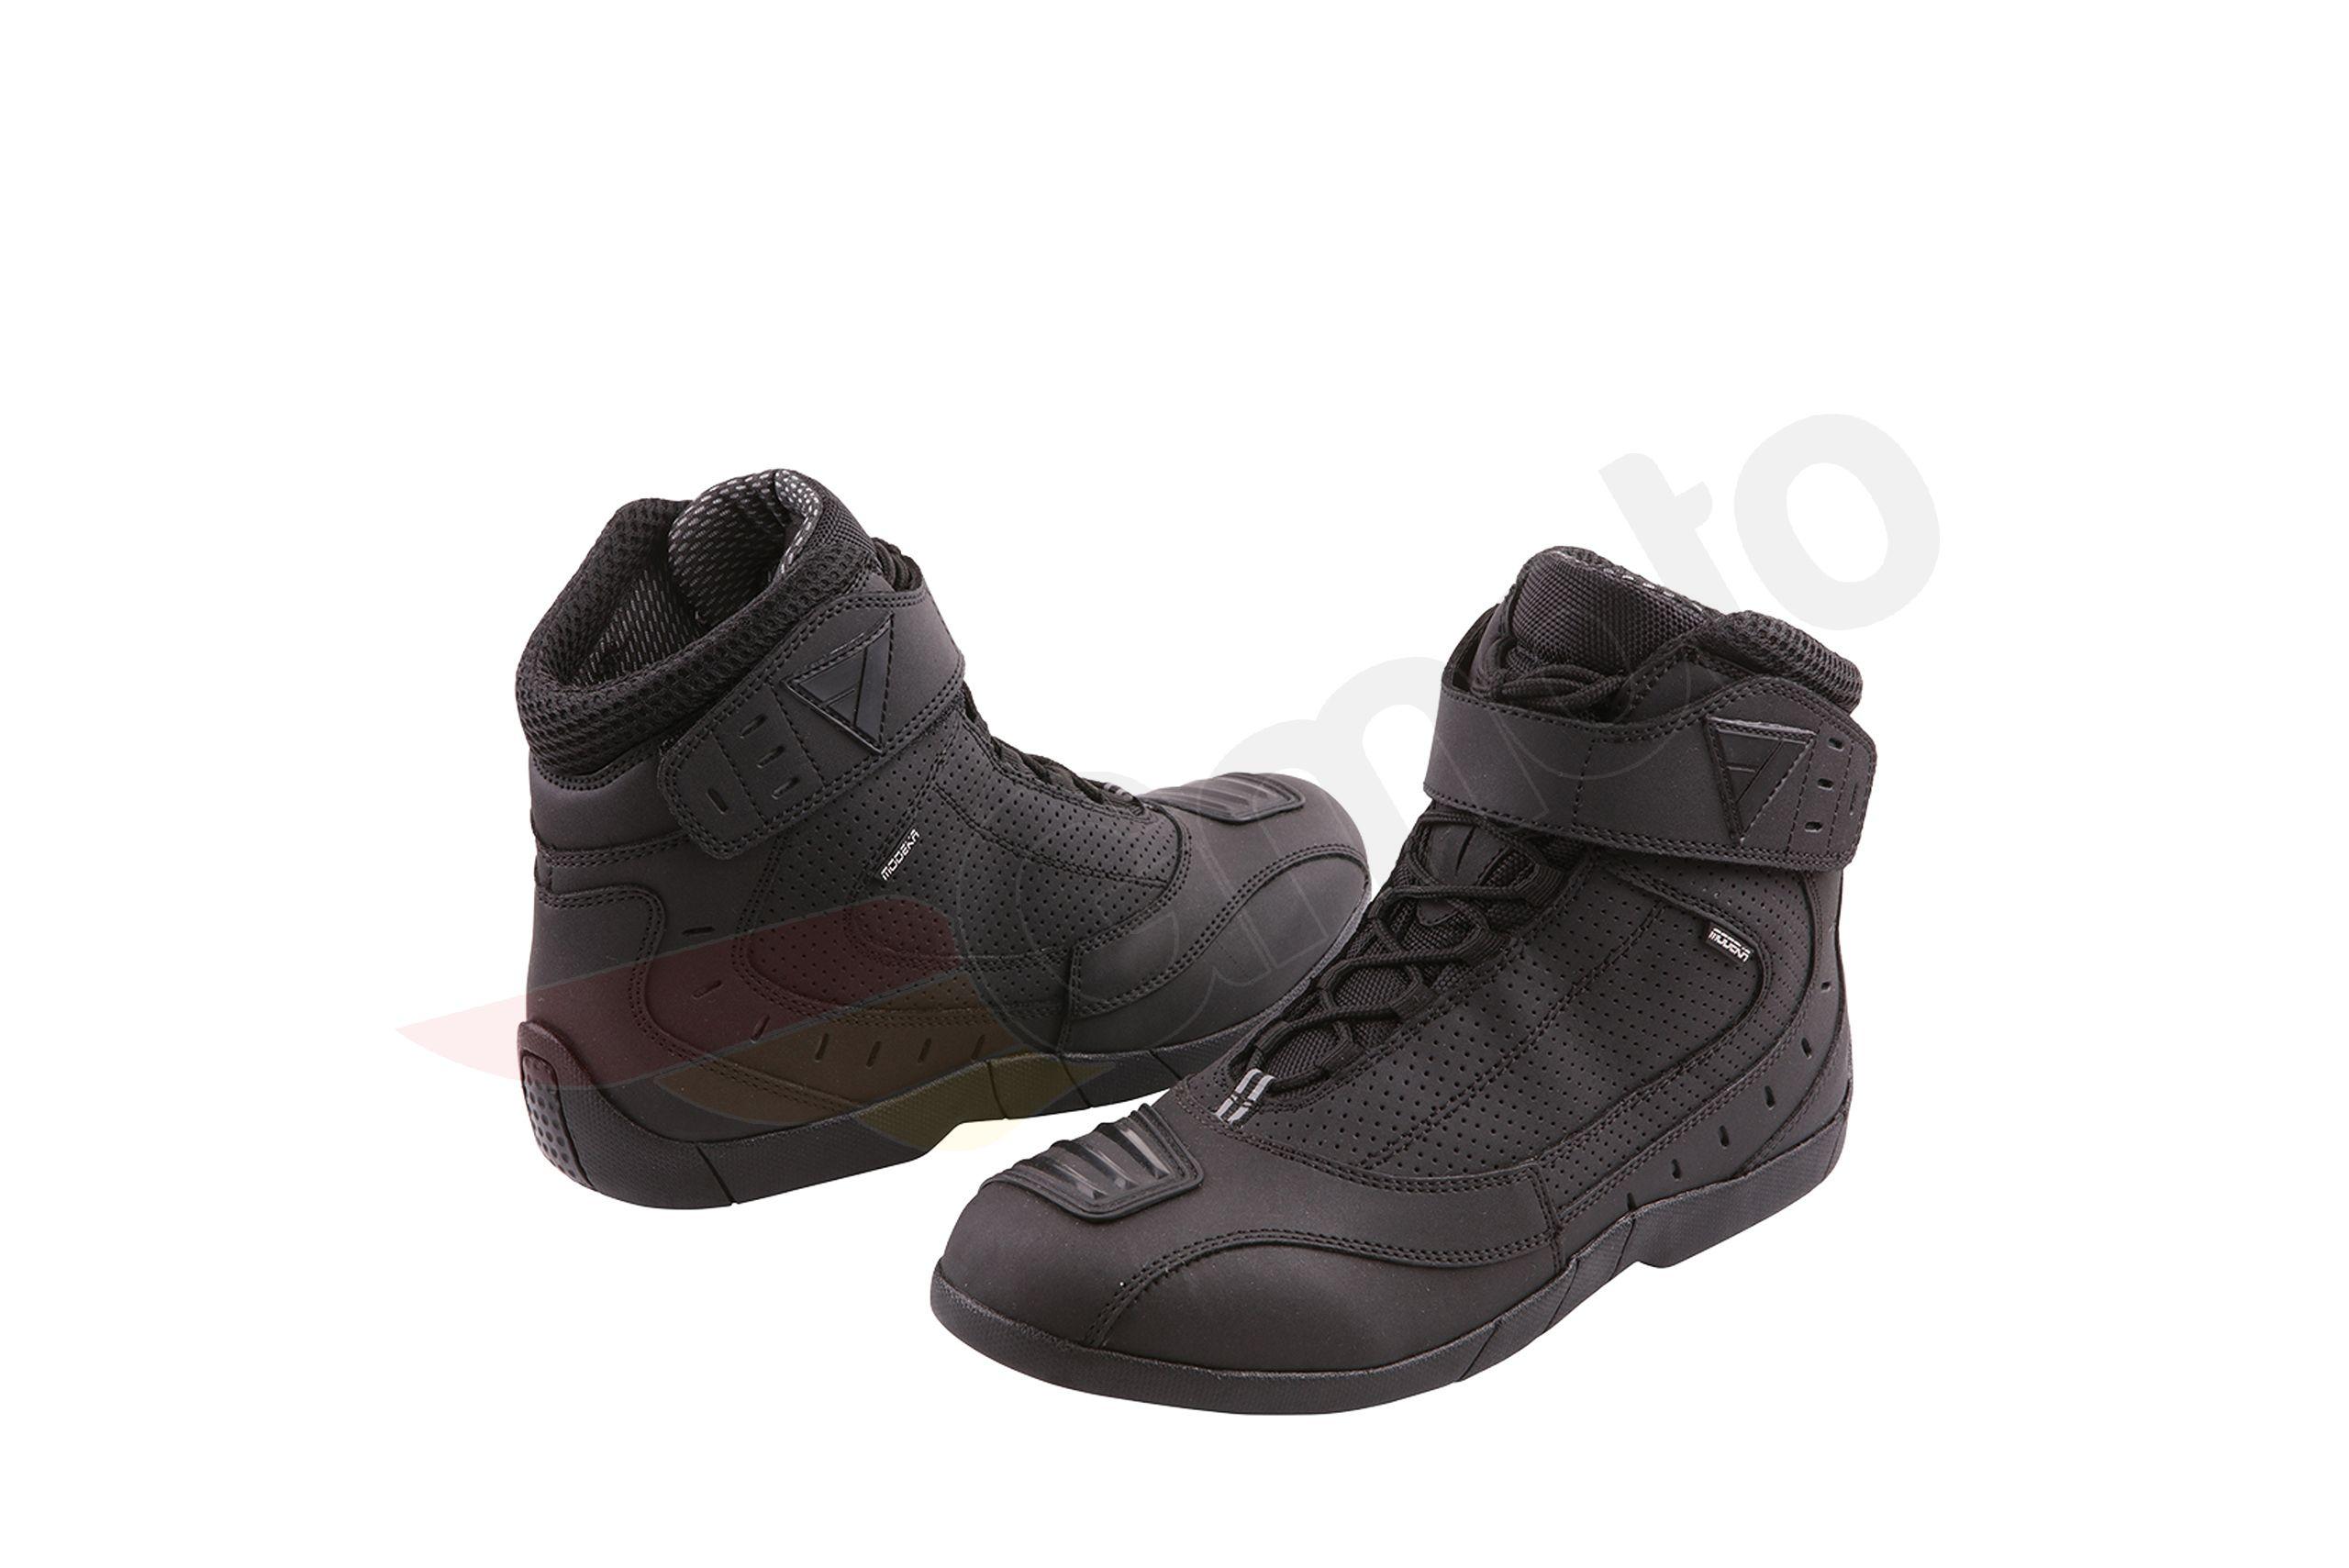 Buty Motocyklowe Modeka Black Rider Czarne Gmoto Pl Sklep Motocyklowy